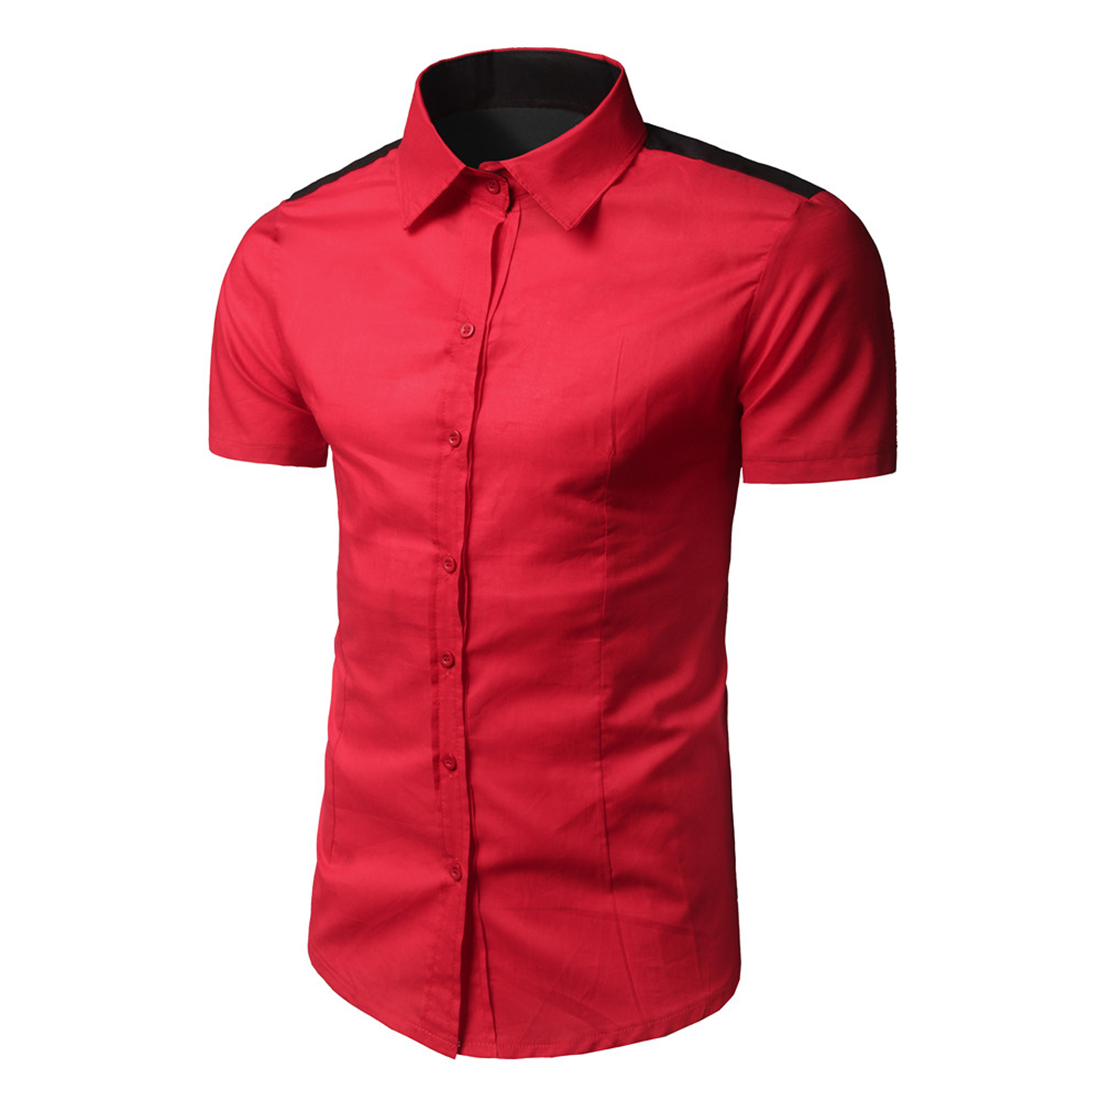 ea257c6faf Contraste color patchwork marca camisa hombres manga corta fitness negocio  oficina trabajo formal Camisas verano Rojo Negro Camisetas de tirantes  social